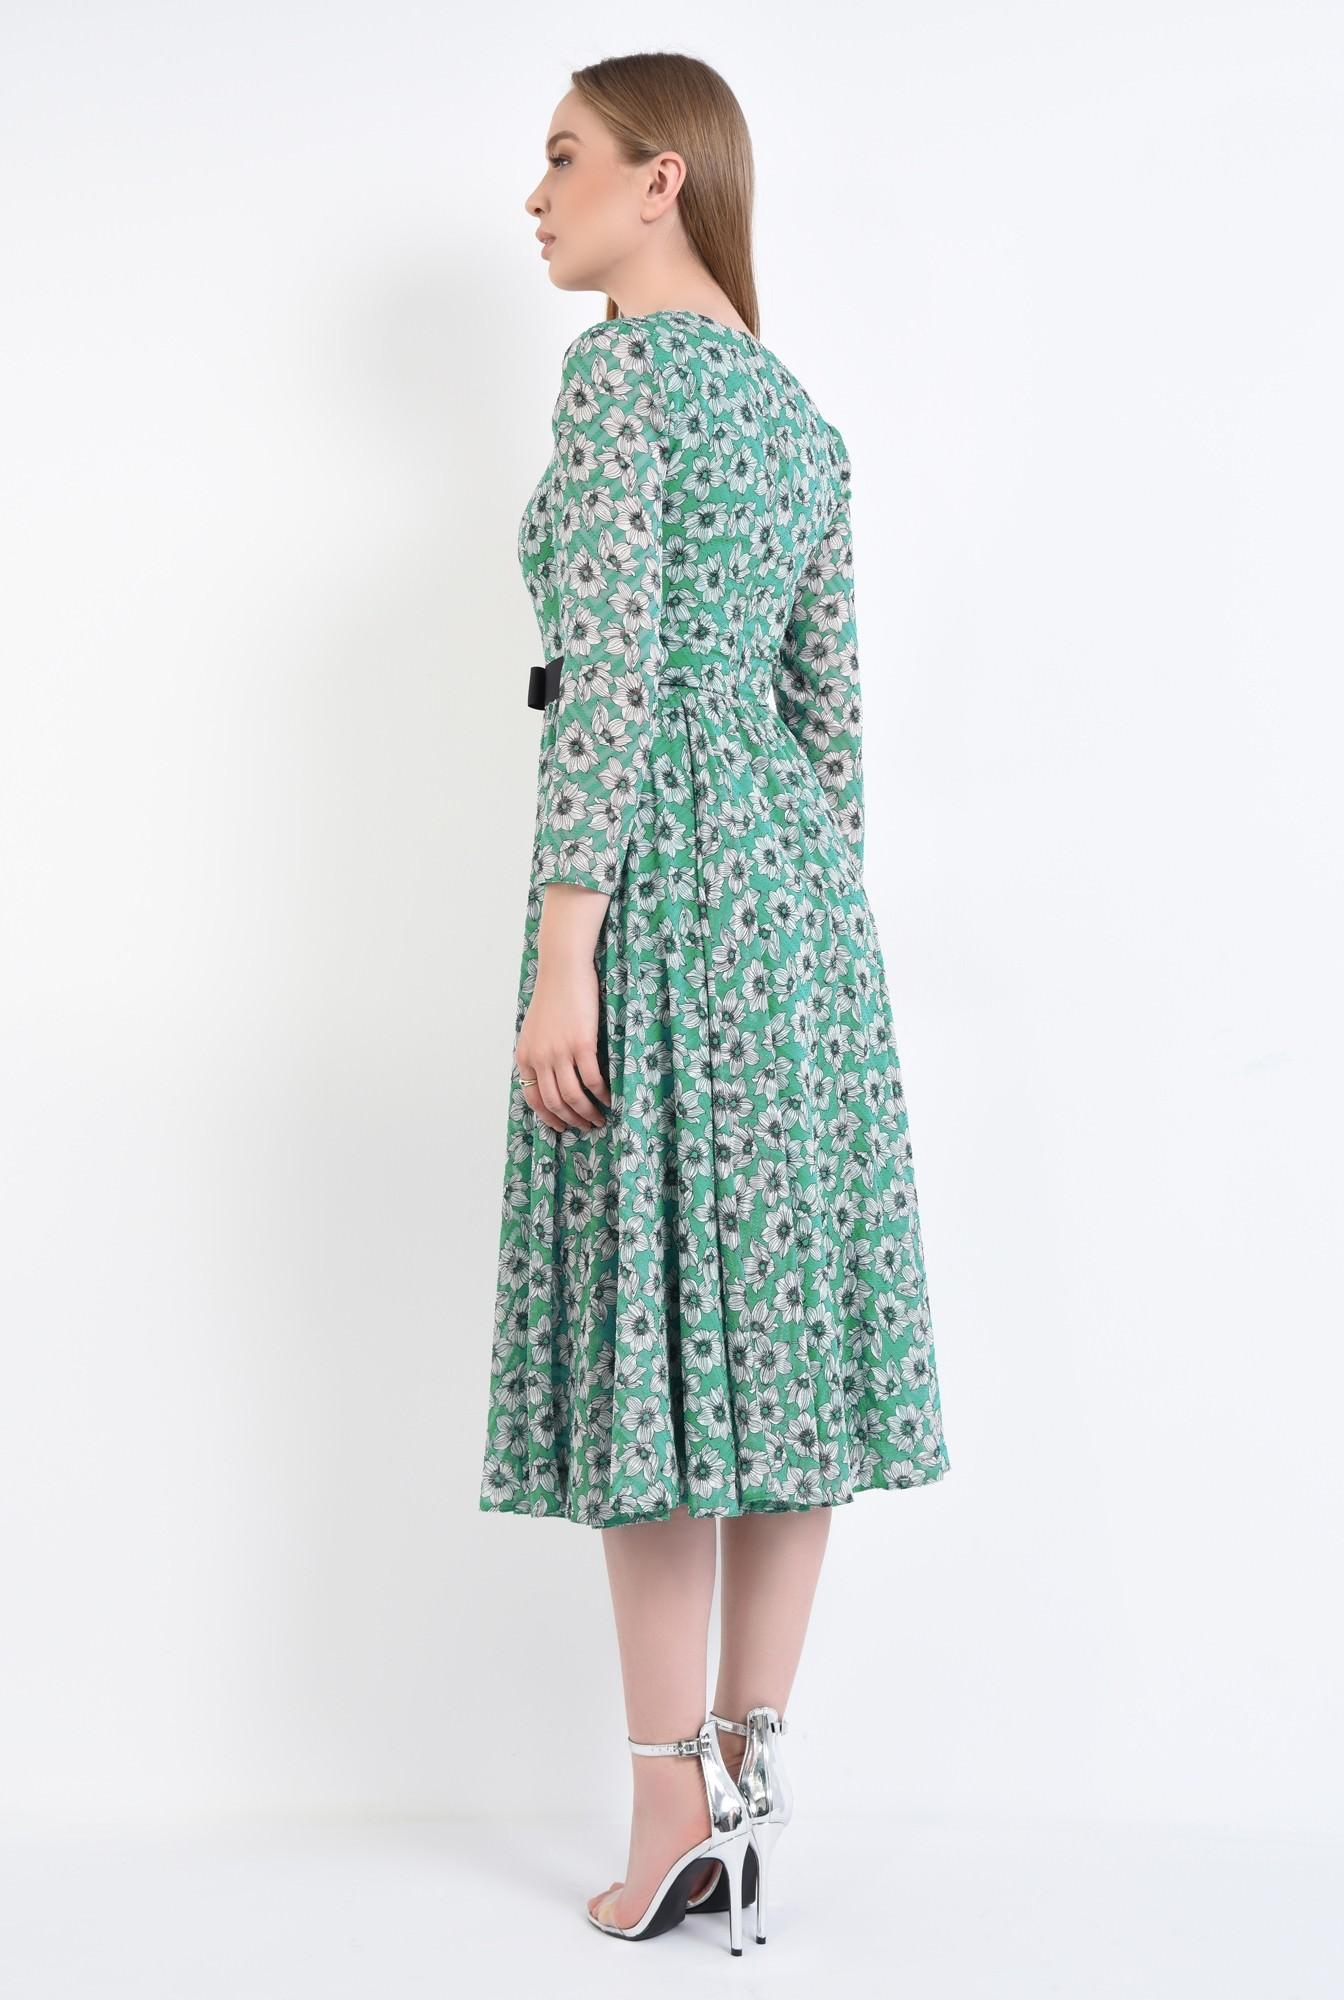 1 - Rochie eleganta, imprimeu